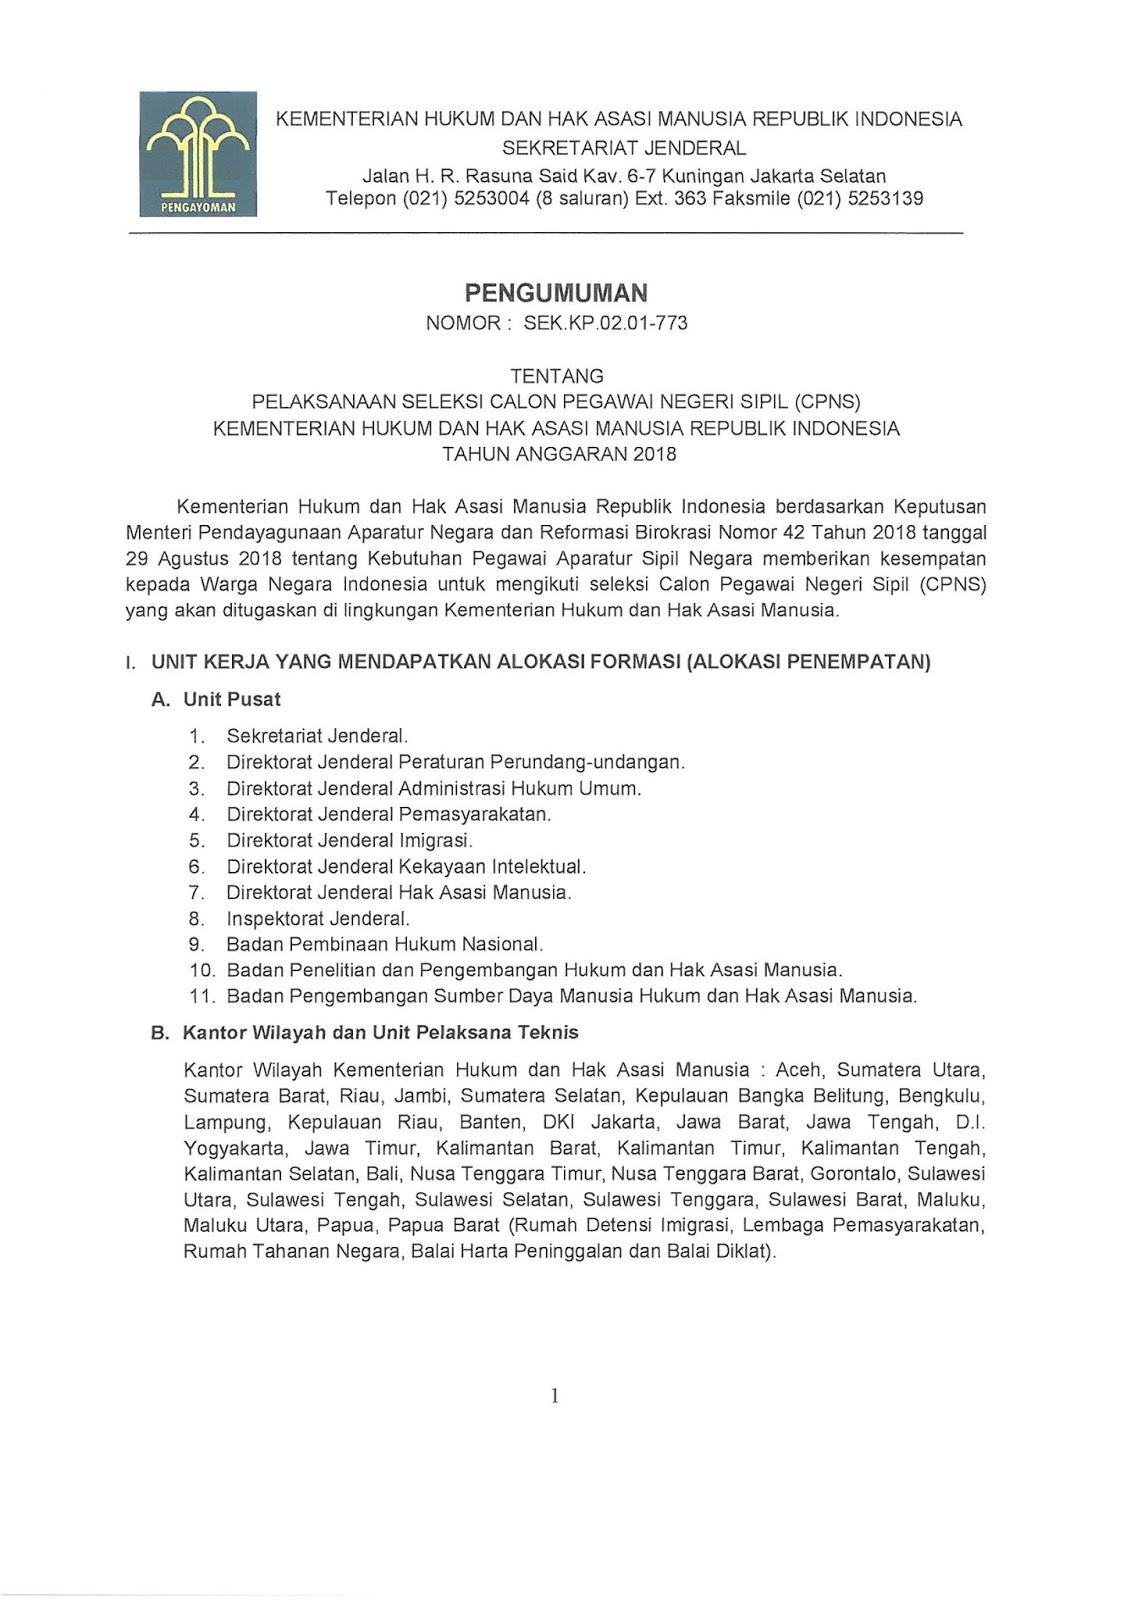 Lowongan Cpns Kemenkumham 2018 : lowongan, kemenkumham, Lowongan, Kementerian, Hukum, Republik, Indonesia, Tahun, [2000, Formasi], REKRUTMEN, LOWONGAN, KERJA, BULAN, MARET